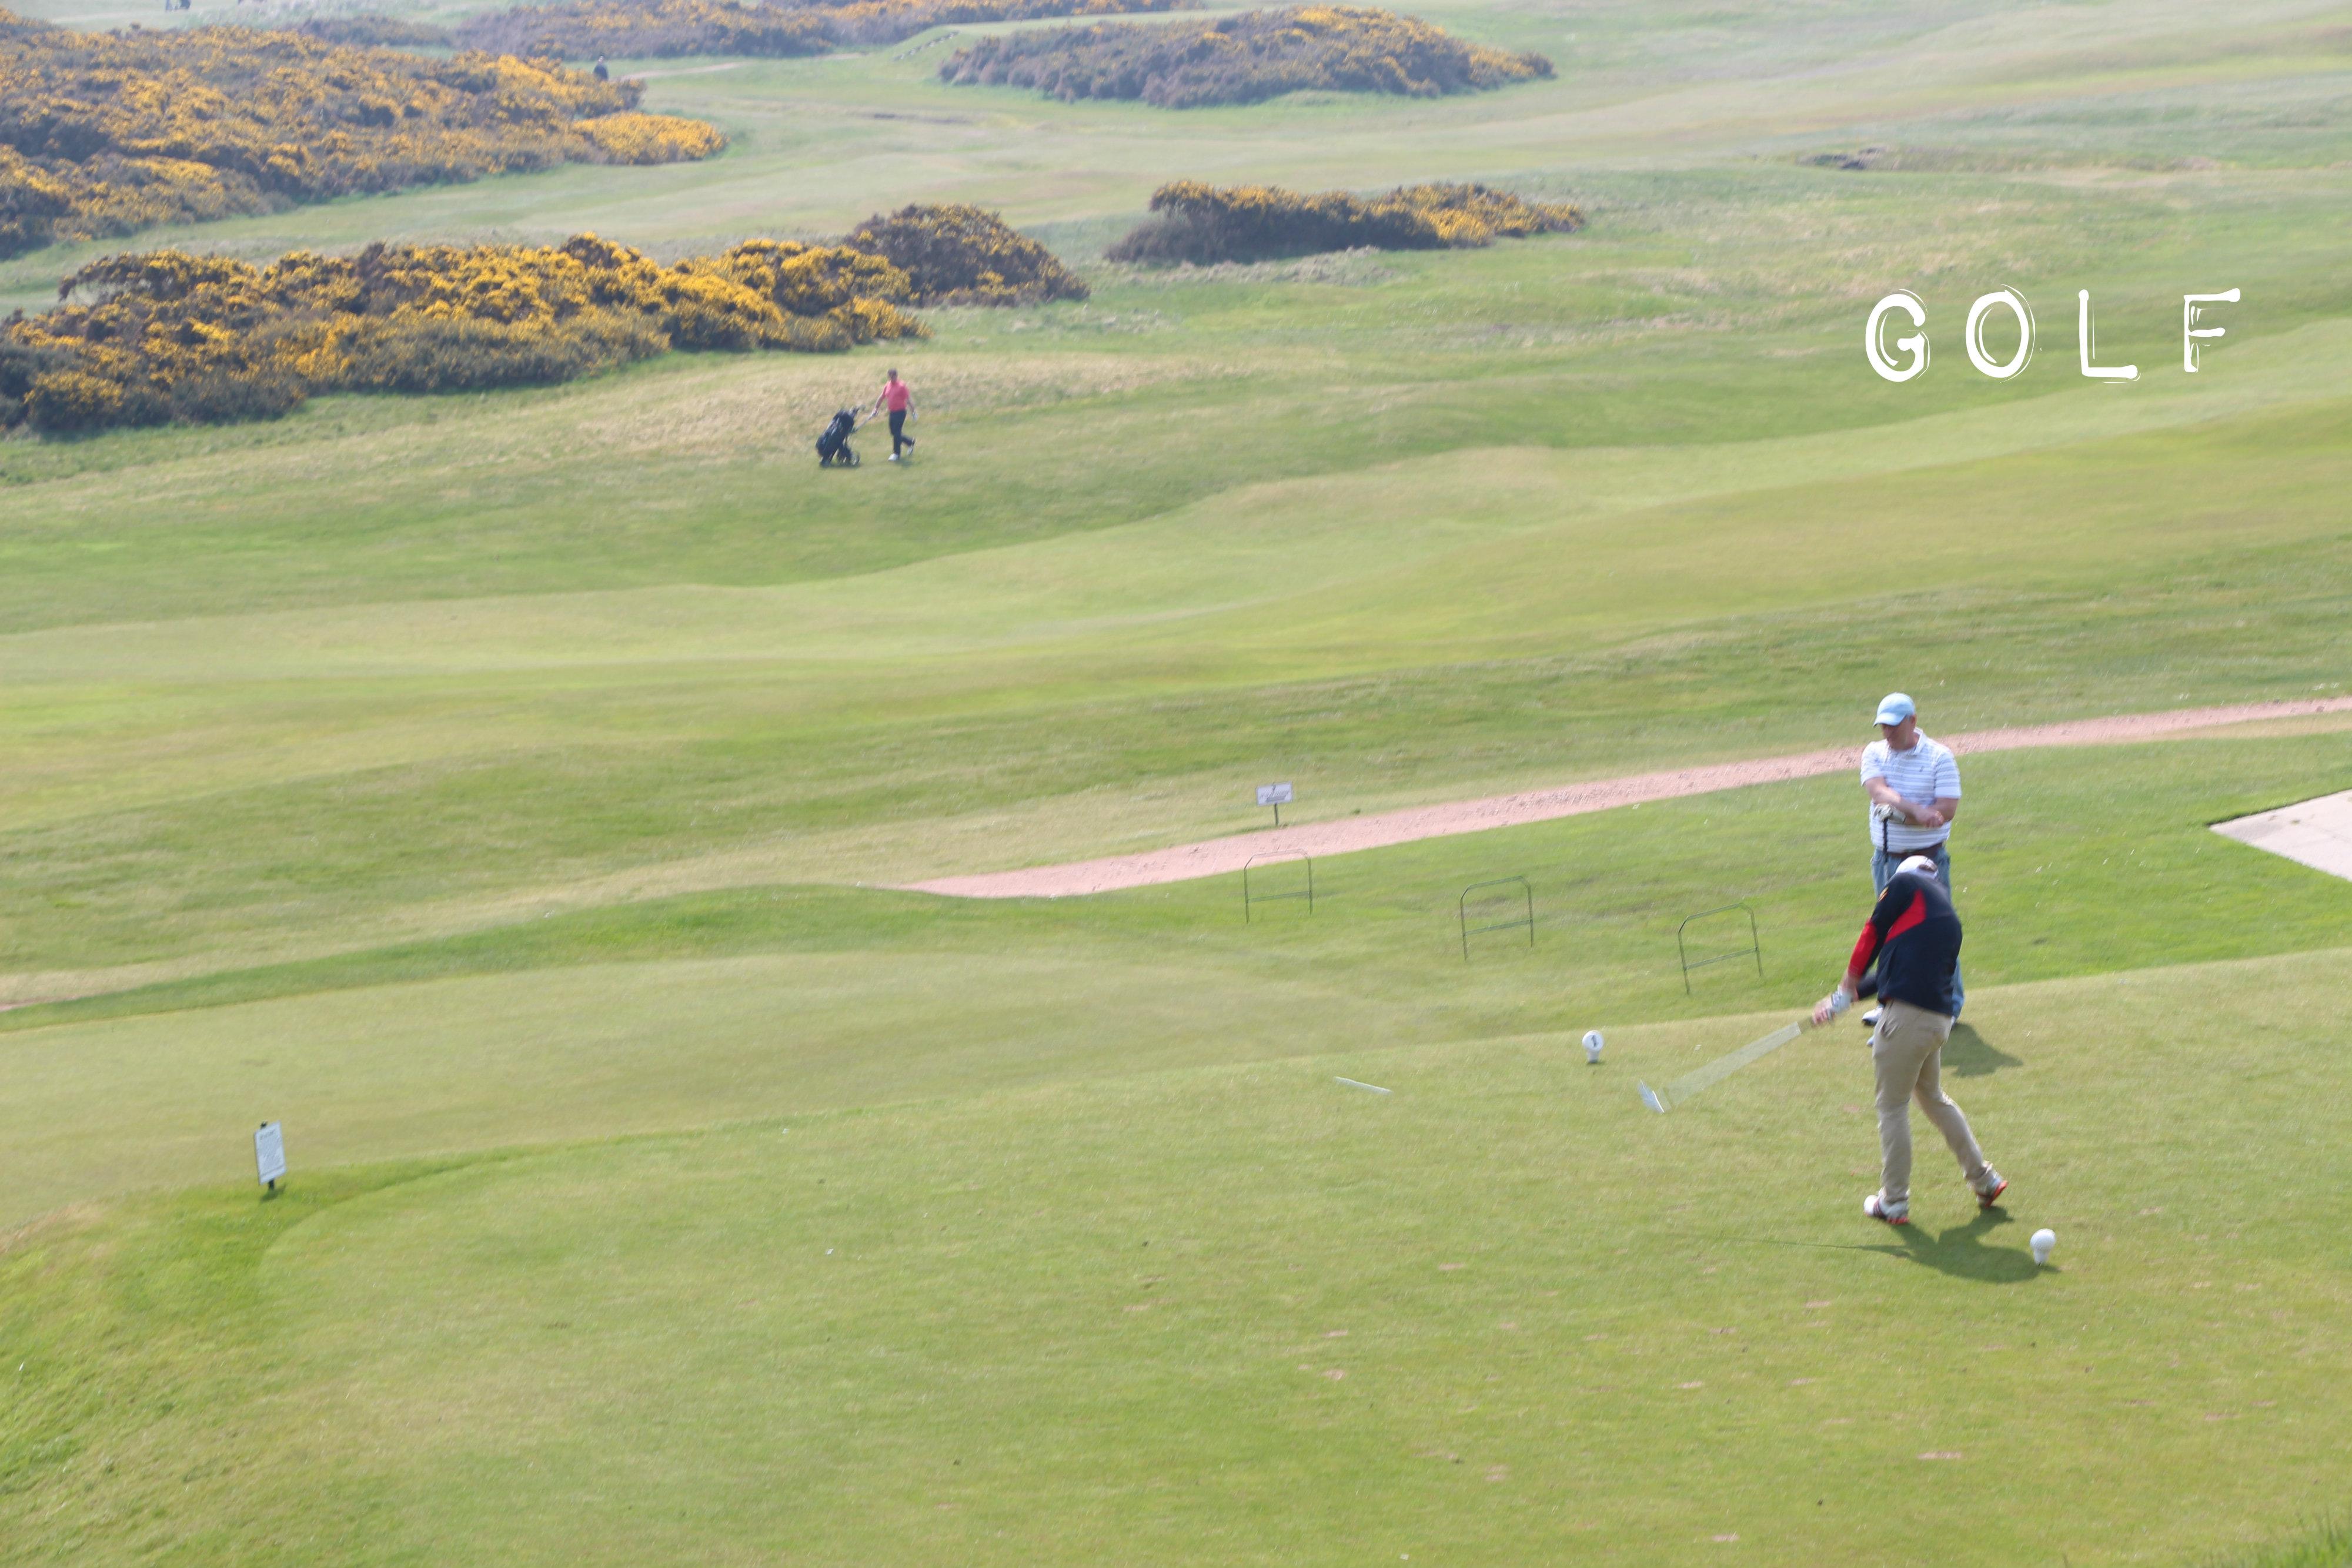 golffis.jpg